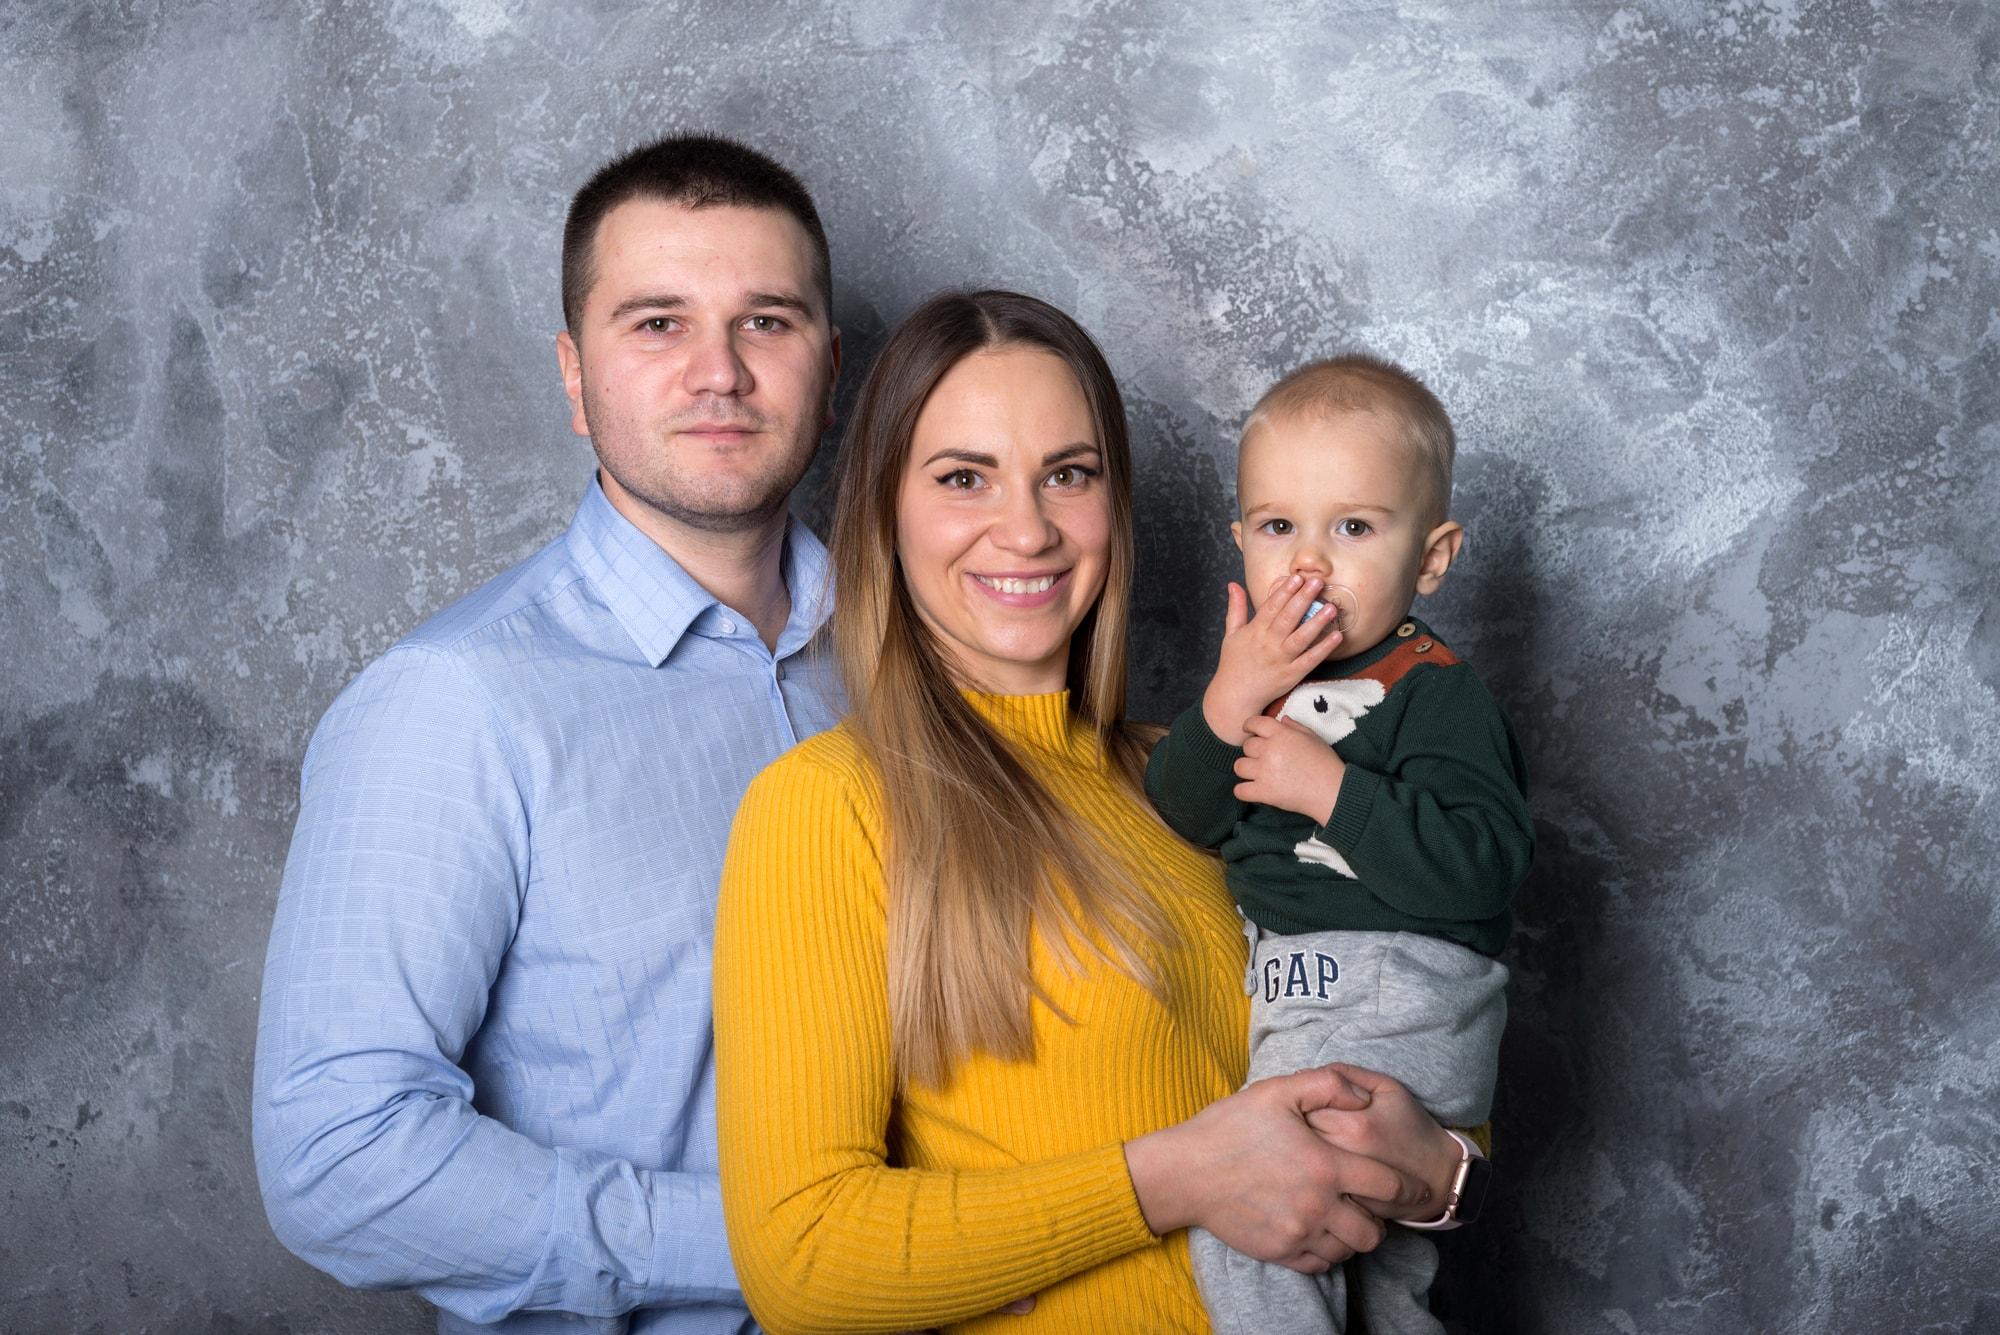 Семейная фотосессия в студии Amore - мама, папа и сын